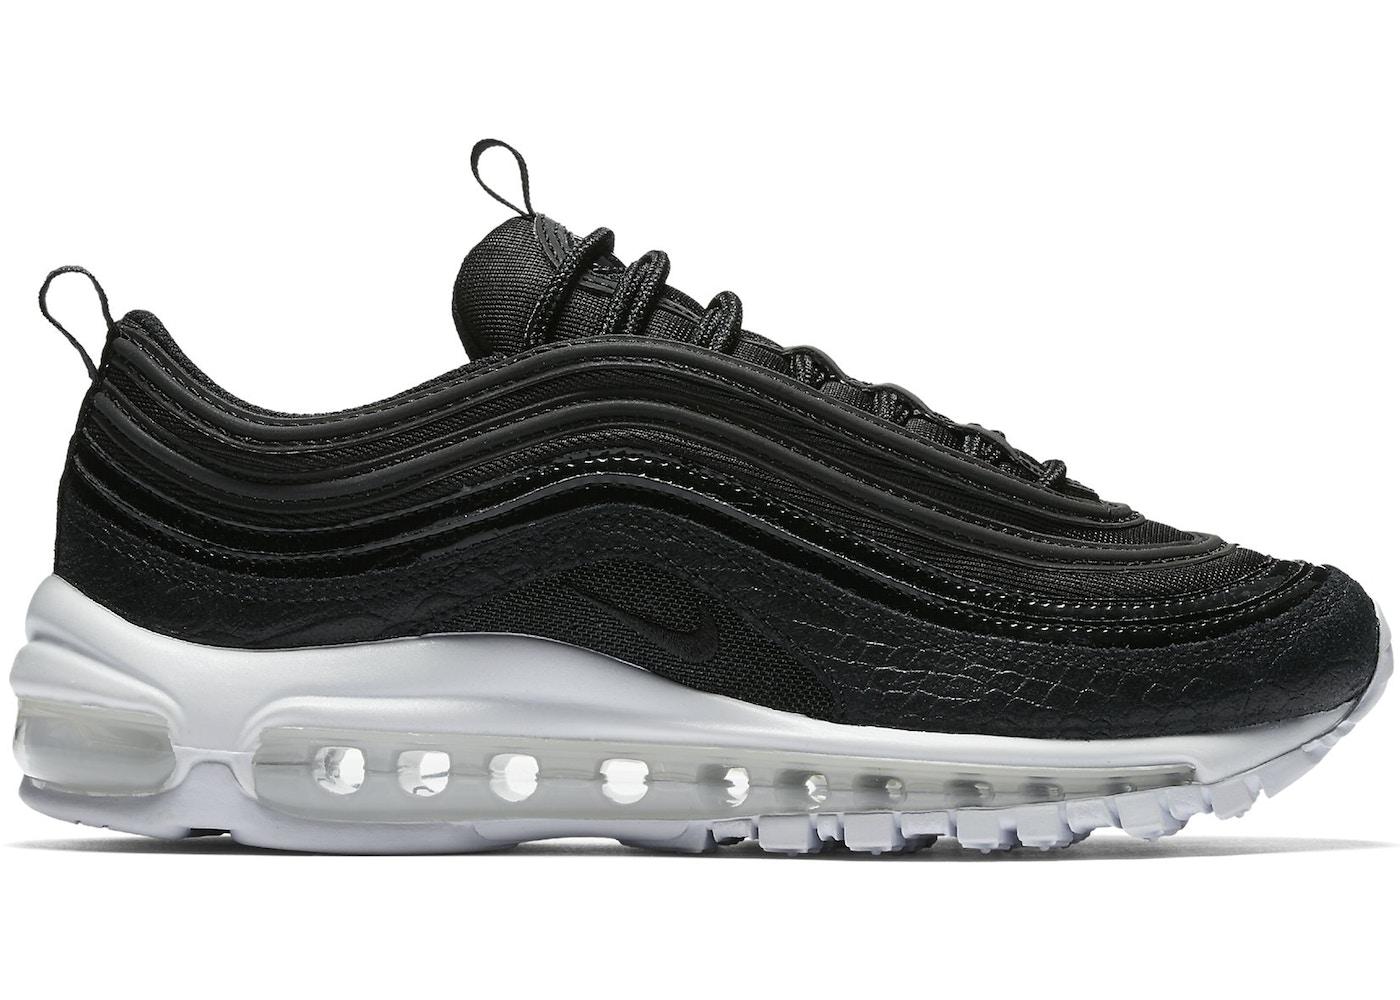 air max 97 white black